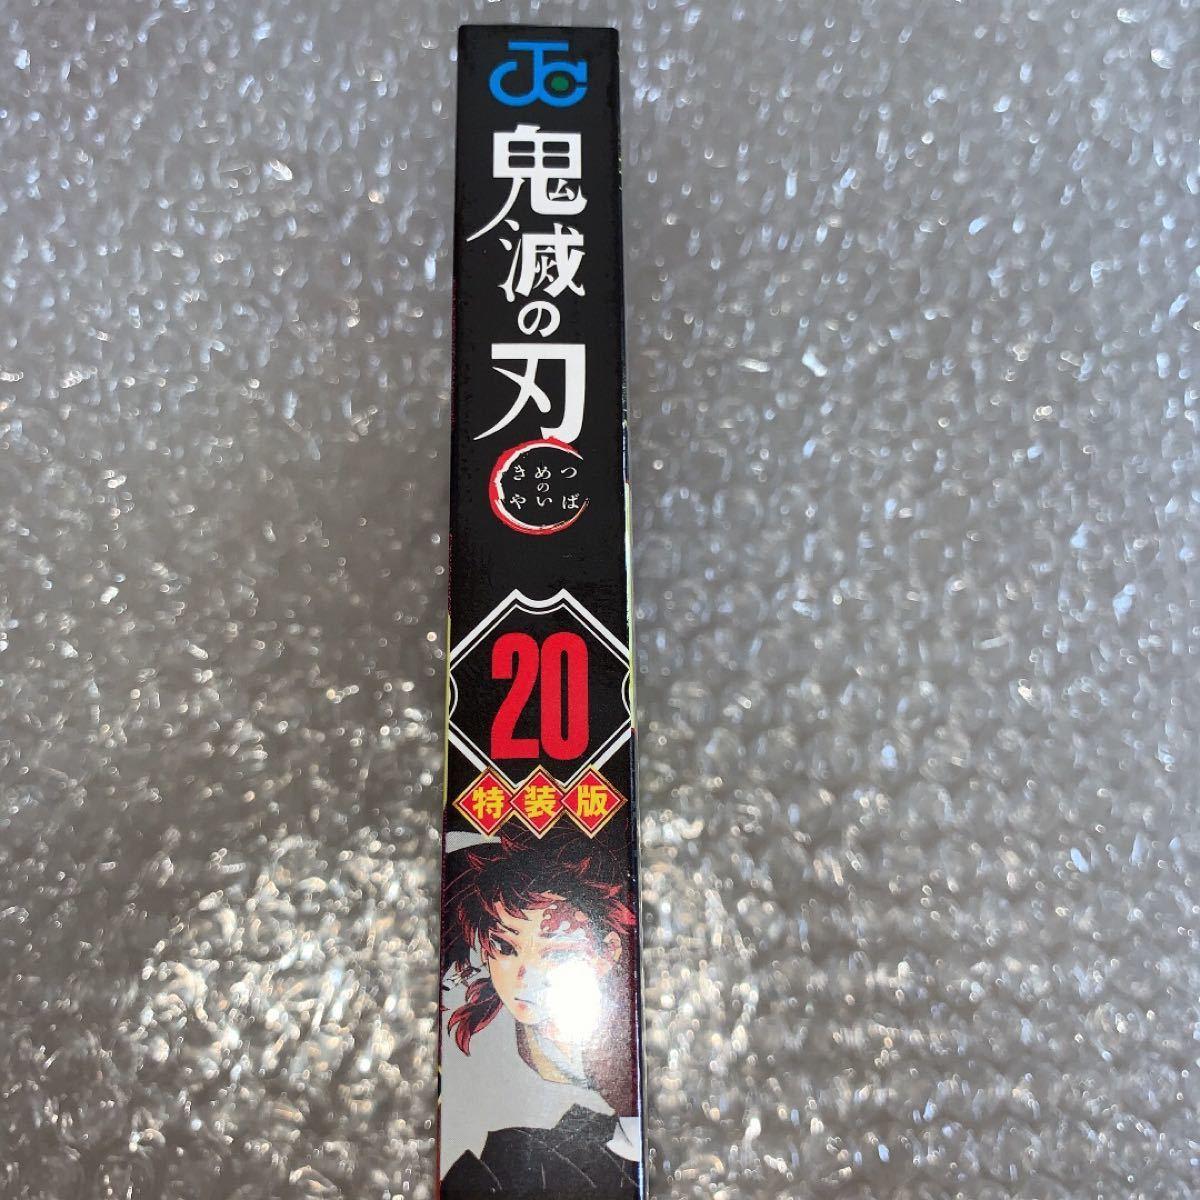 【最新入荷】鬼滅の刃  20 特装版〈新品未開封〉送料無料